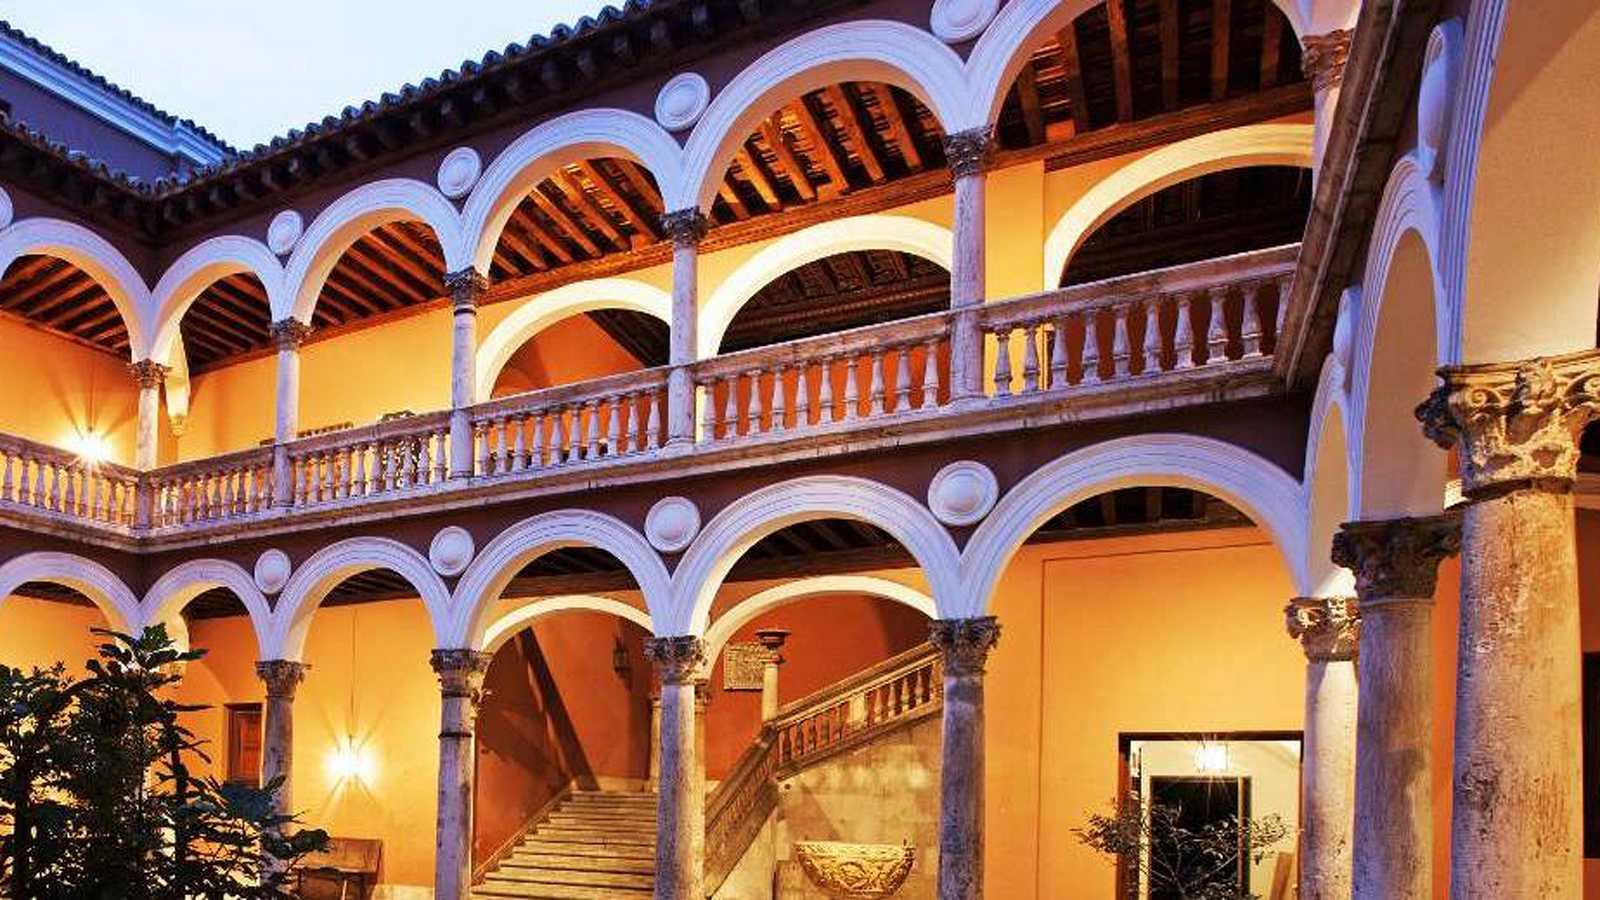 En clave Turismo - Misterios de Valladolid - 30/07/20 - escuchar ahora